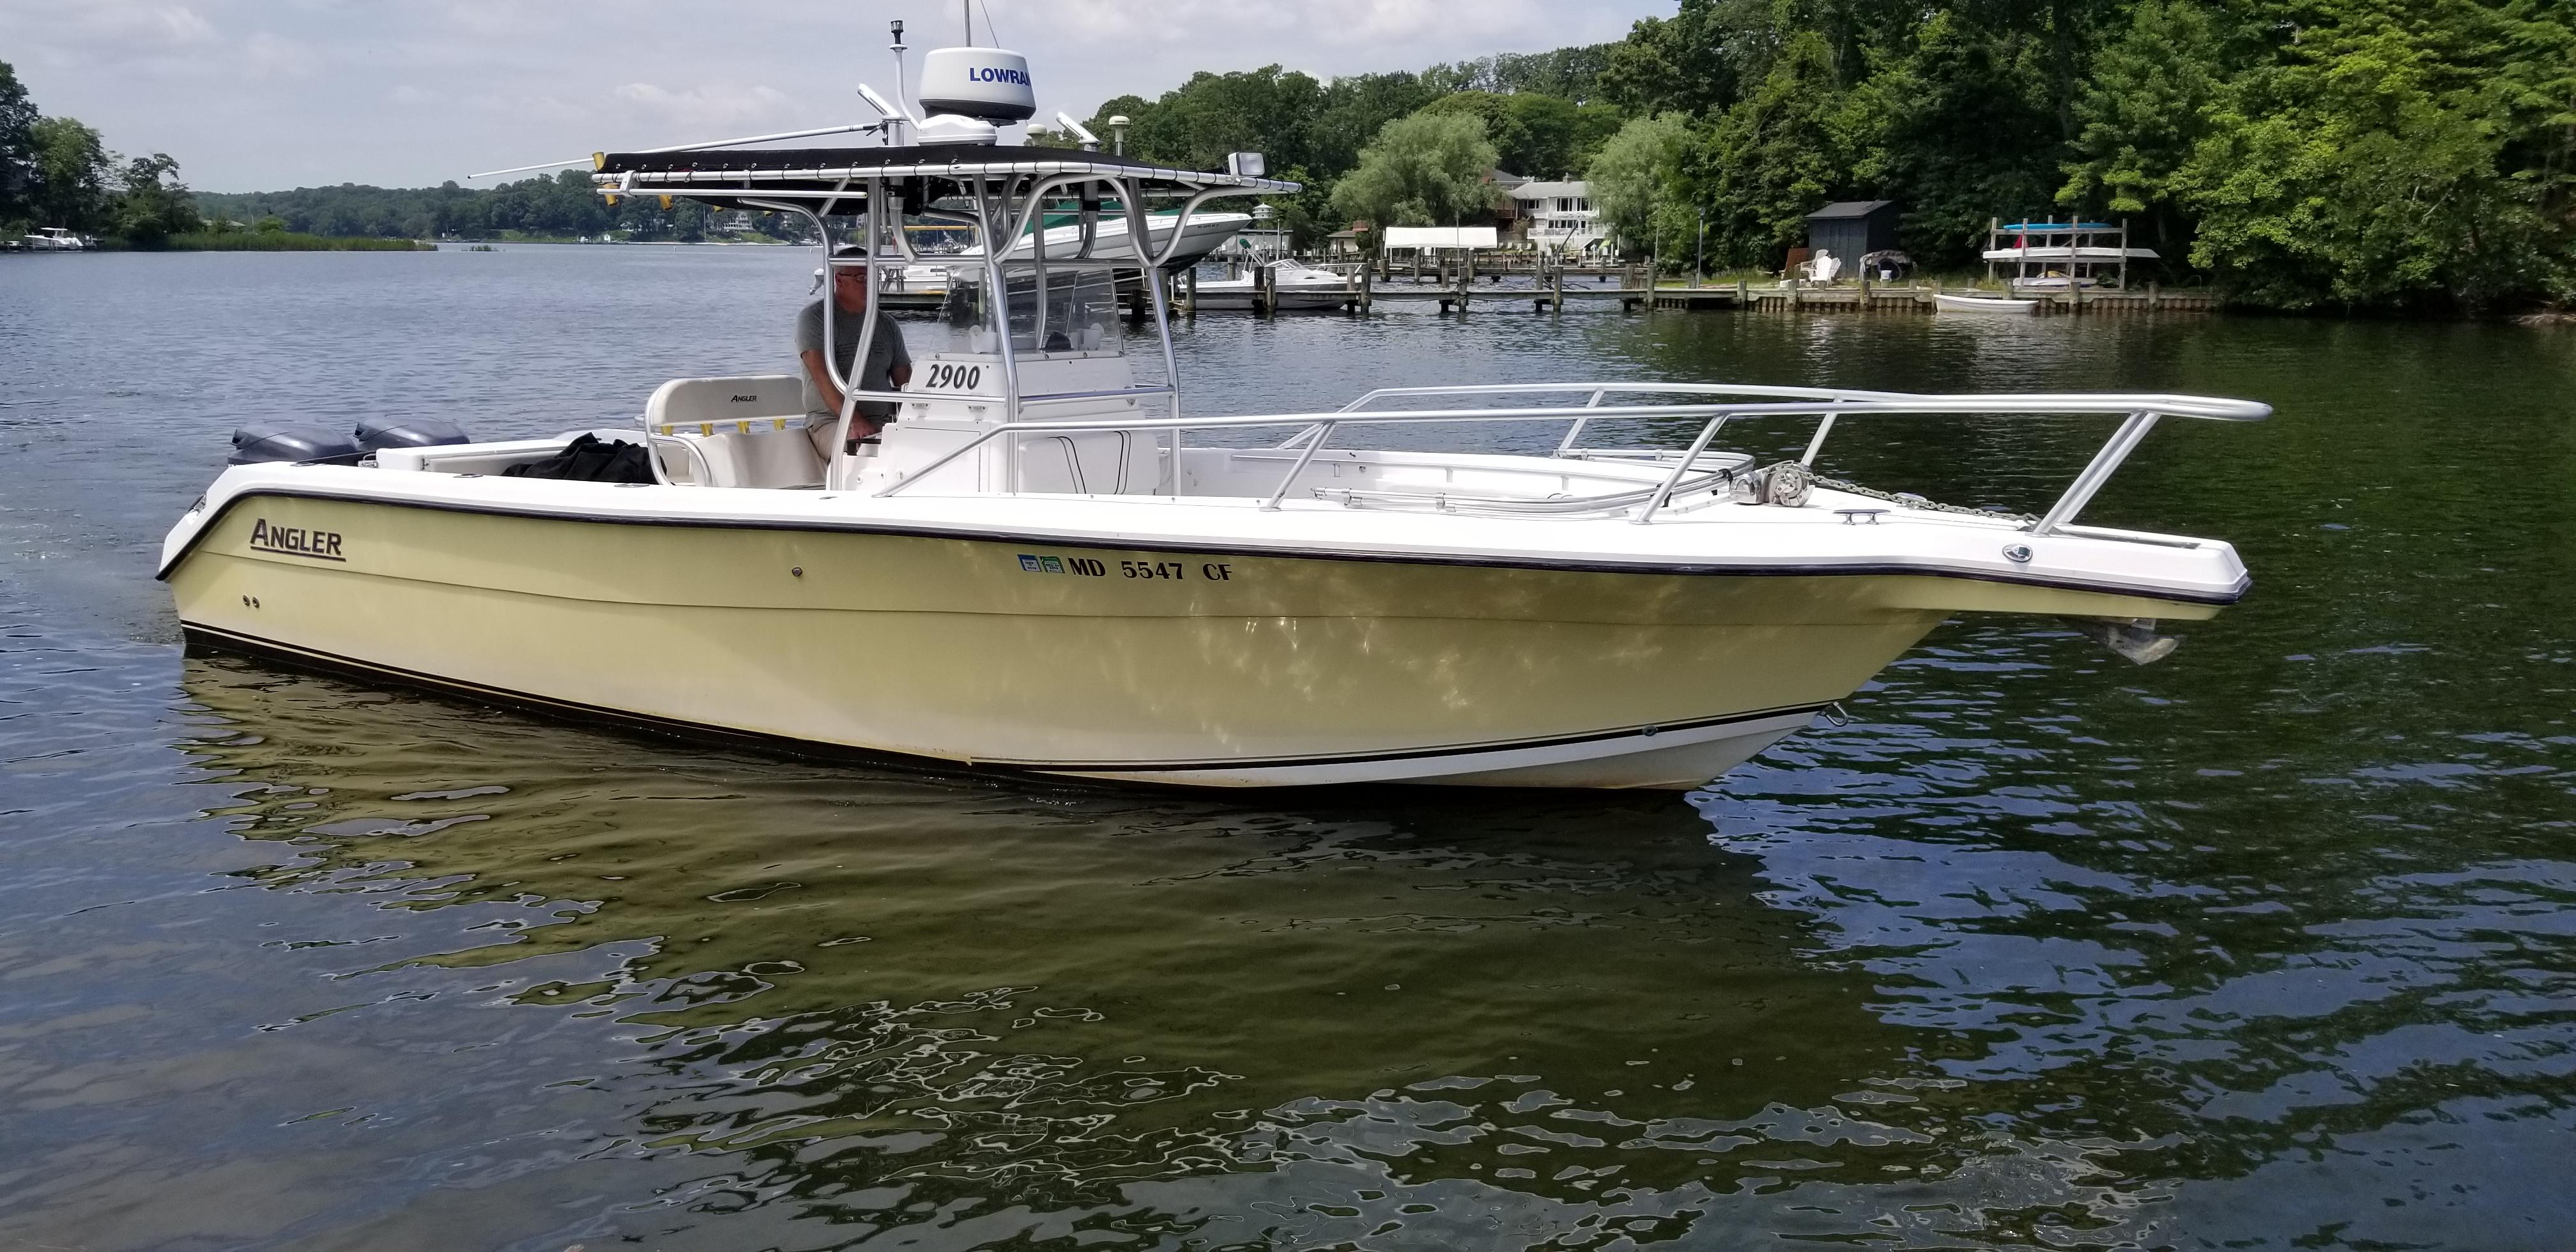 Angler 2900CC